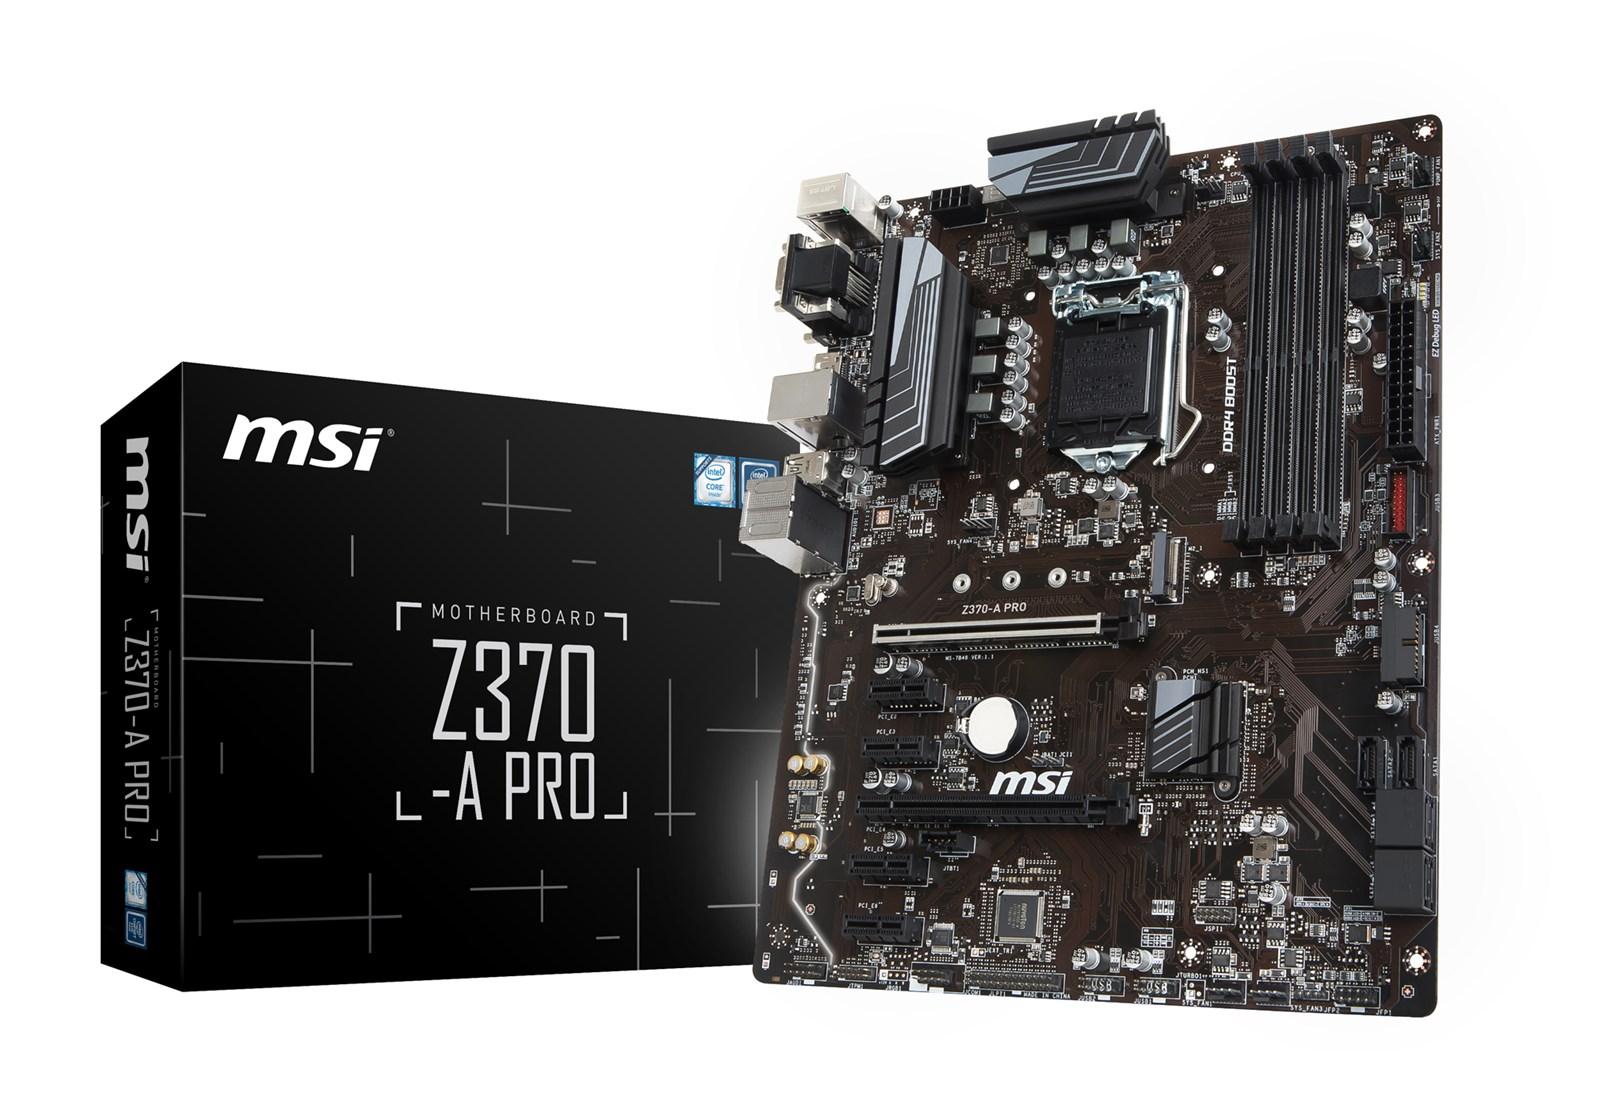 MSI Z370 A PRO Intel Socket 1151 Motherboard